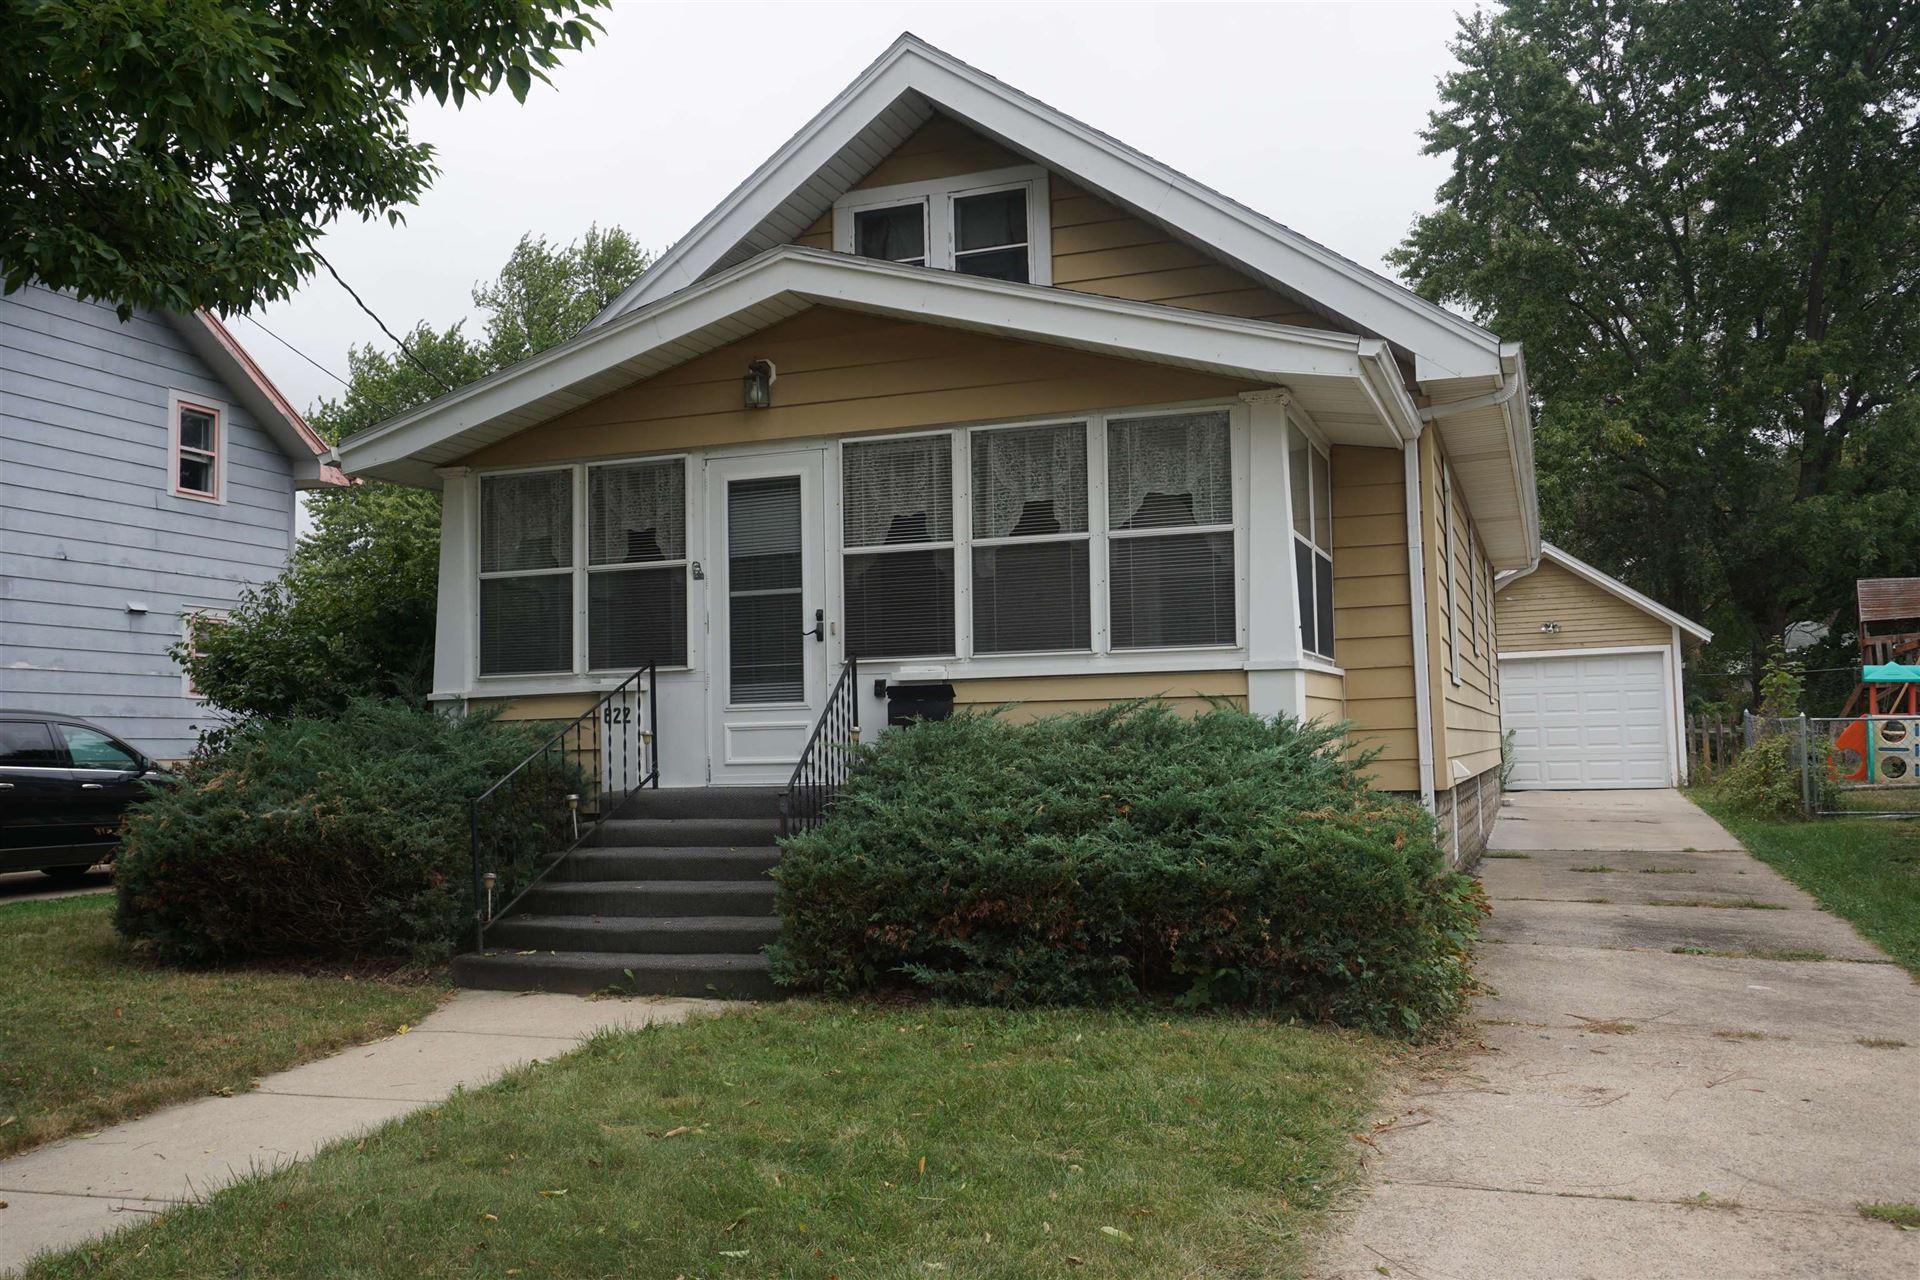 822 Garfield Ave, Beloit, WI 53511 - #: 1920325